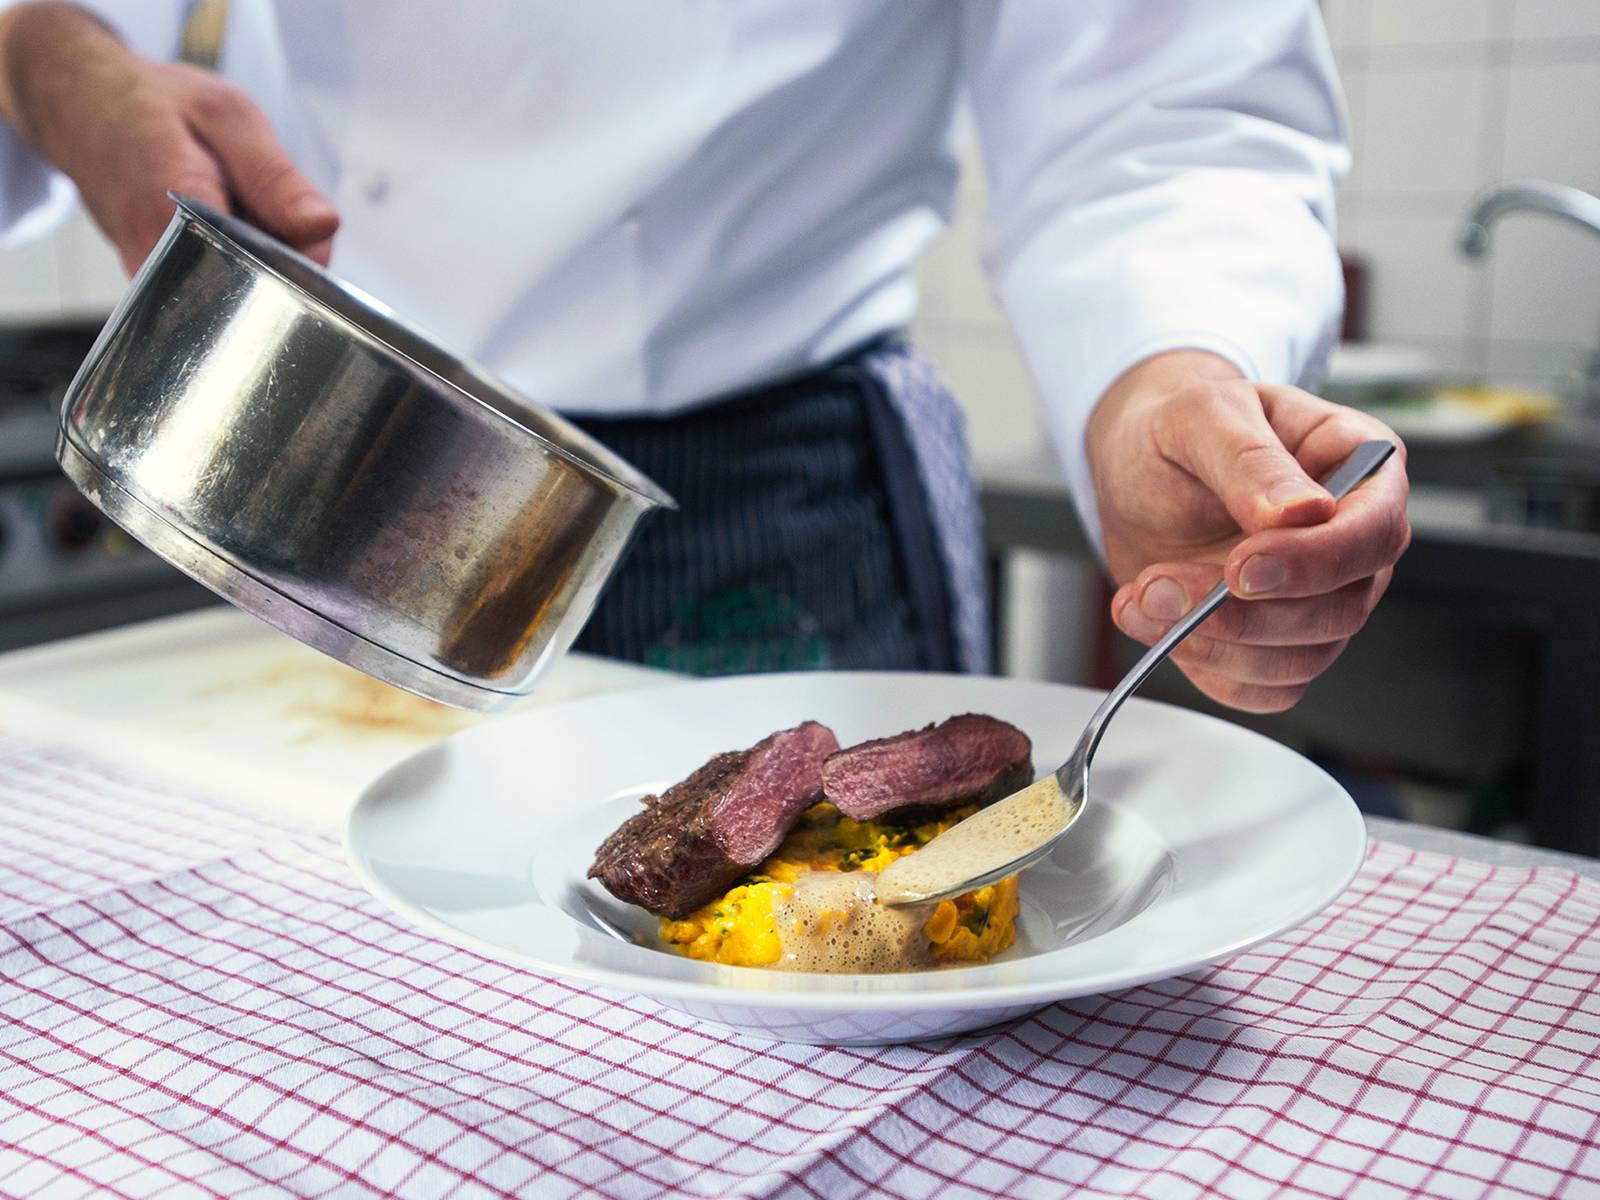 将鹿肉块放到土豆南瓜酱上,淋上杜松子奶油。尽情享用吧!